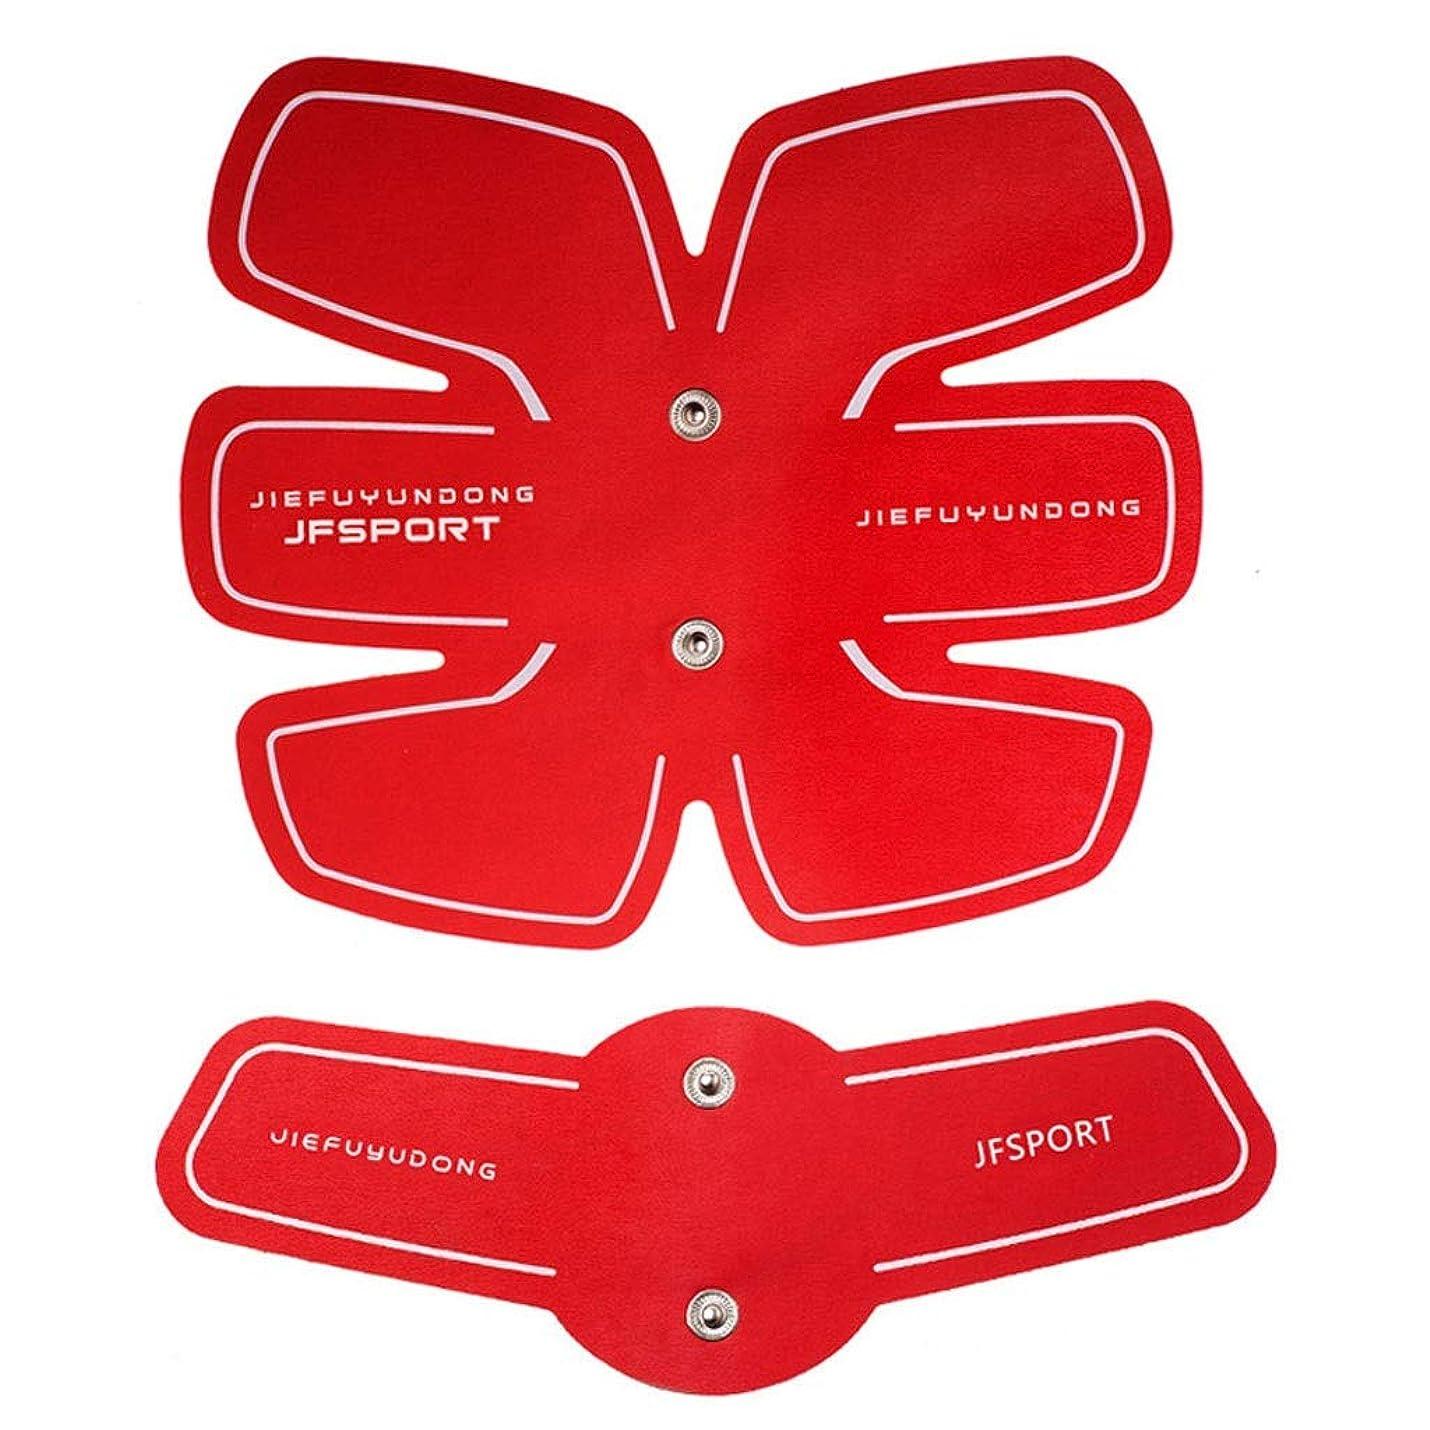 リットルビクター副Ems筋肉刺激装置、腹筋トレーナー腹筋トナー腹筋トレーナーフィットネストレーニングギアabsフィット重量筋肉トレーニング調色ジムトレーニングマシン (Color : Red, Size : A+B)